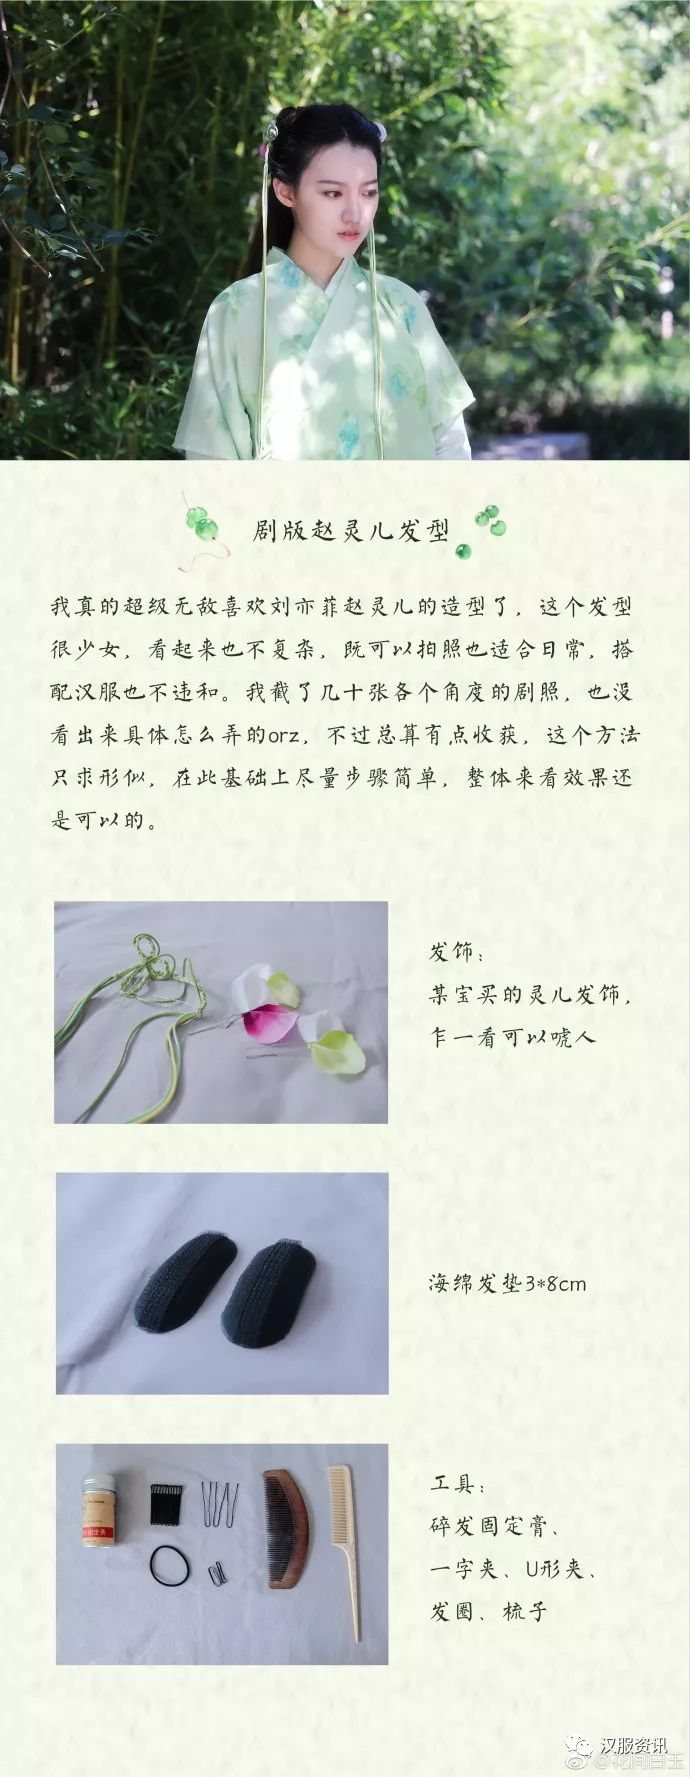 【汉服发型】剧版赵灵儿发型,超级无敌少女风-图片1